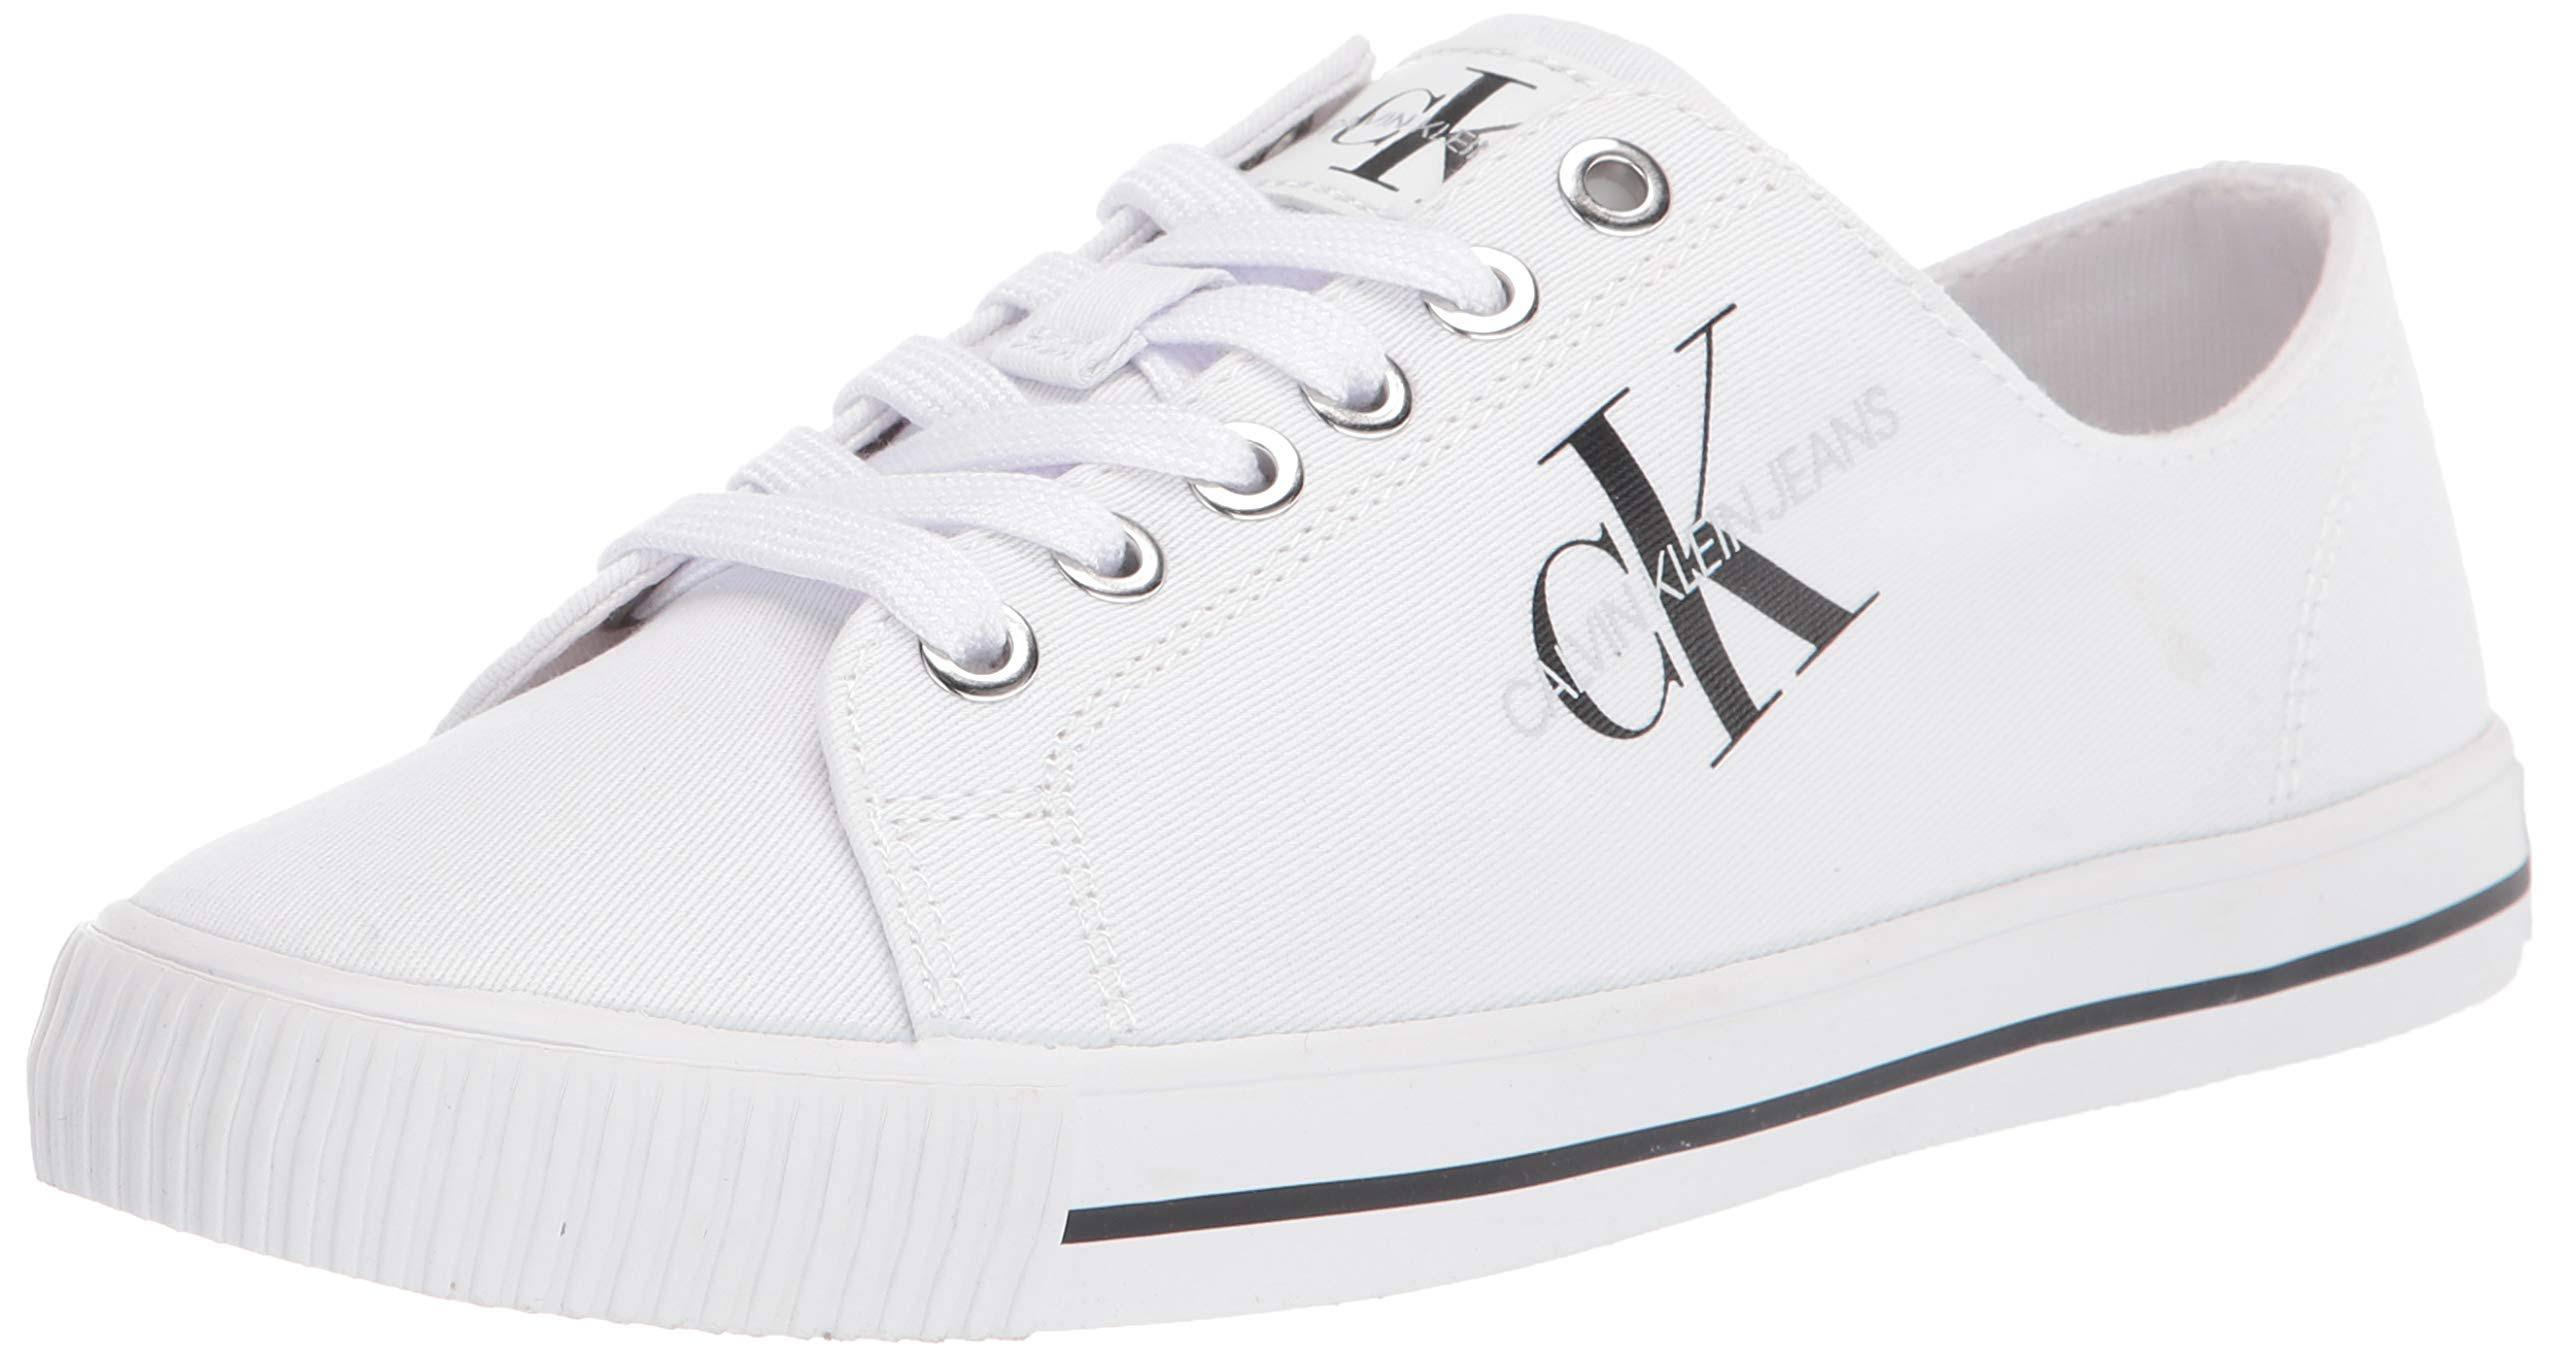 Calvin Klein - Twill Trainers - White - 2 - Women